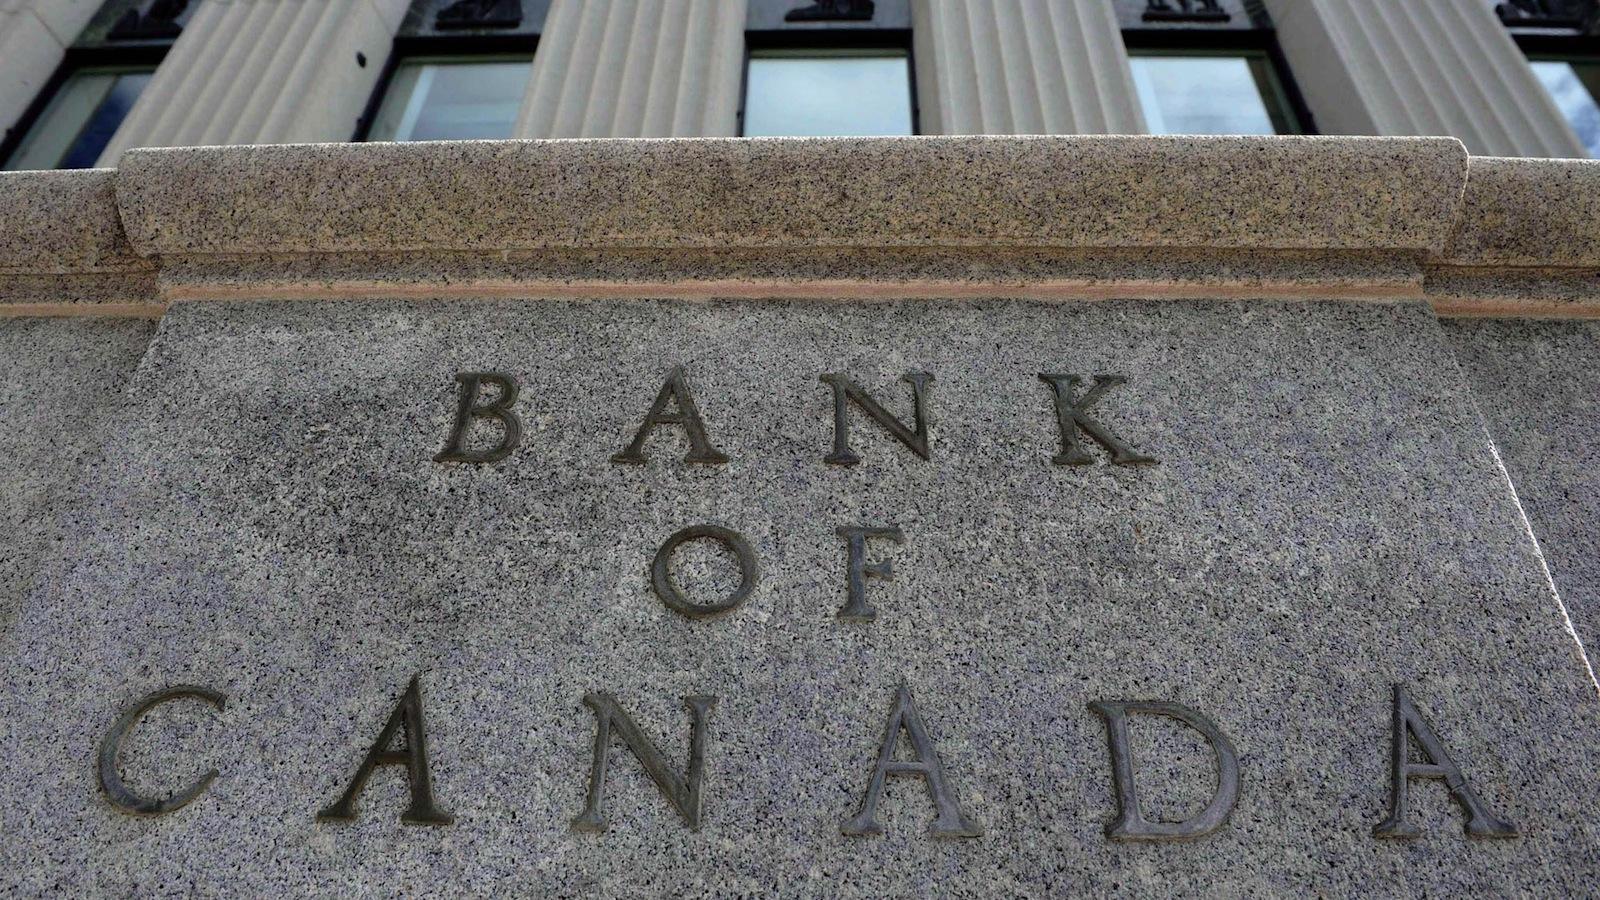 Investigadores del Banco de Canadá quieren desarrollar un marco para evaluar modelos de privacidad con las CBDC